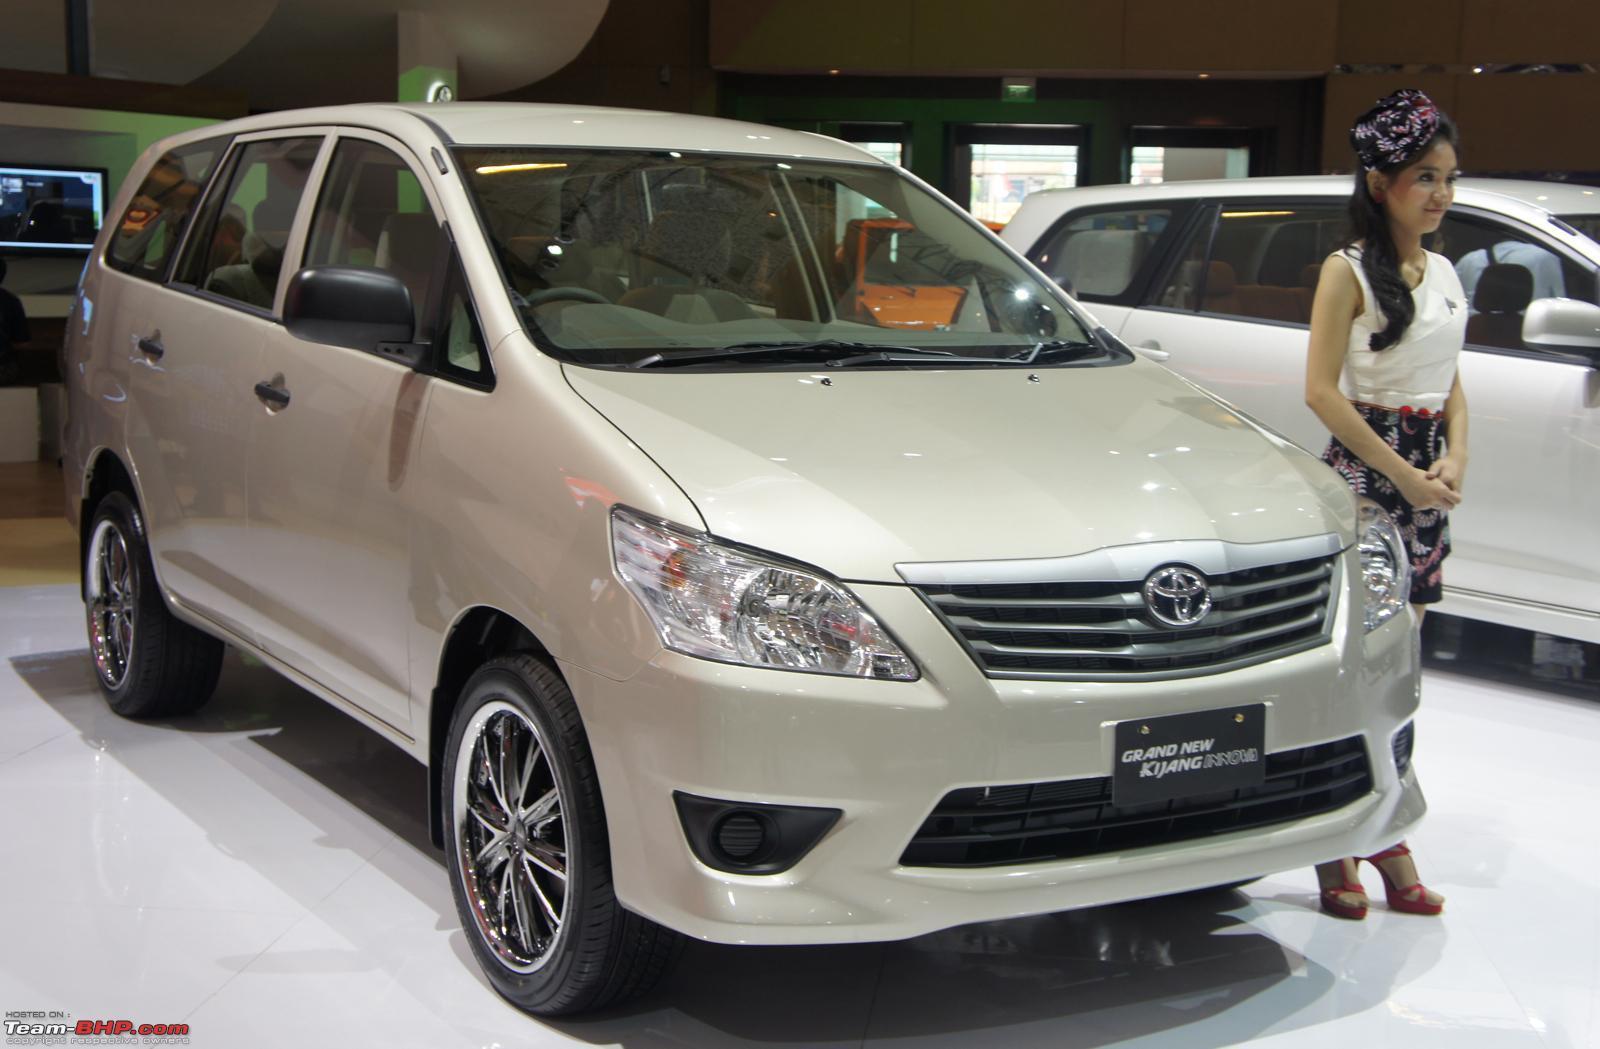 Toyota Innova 2004 - now Compact MPV #5